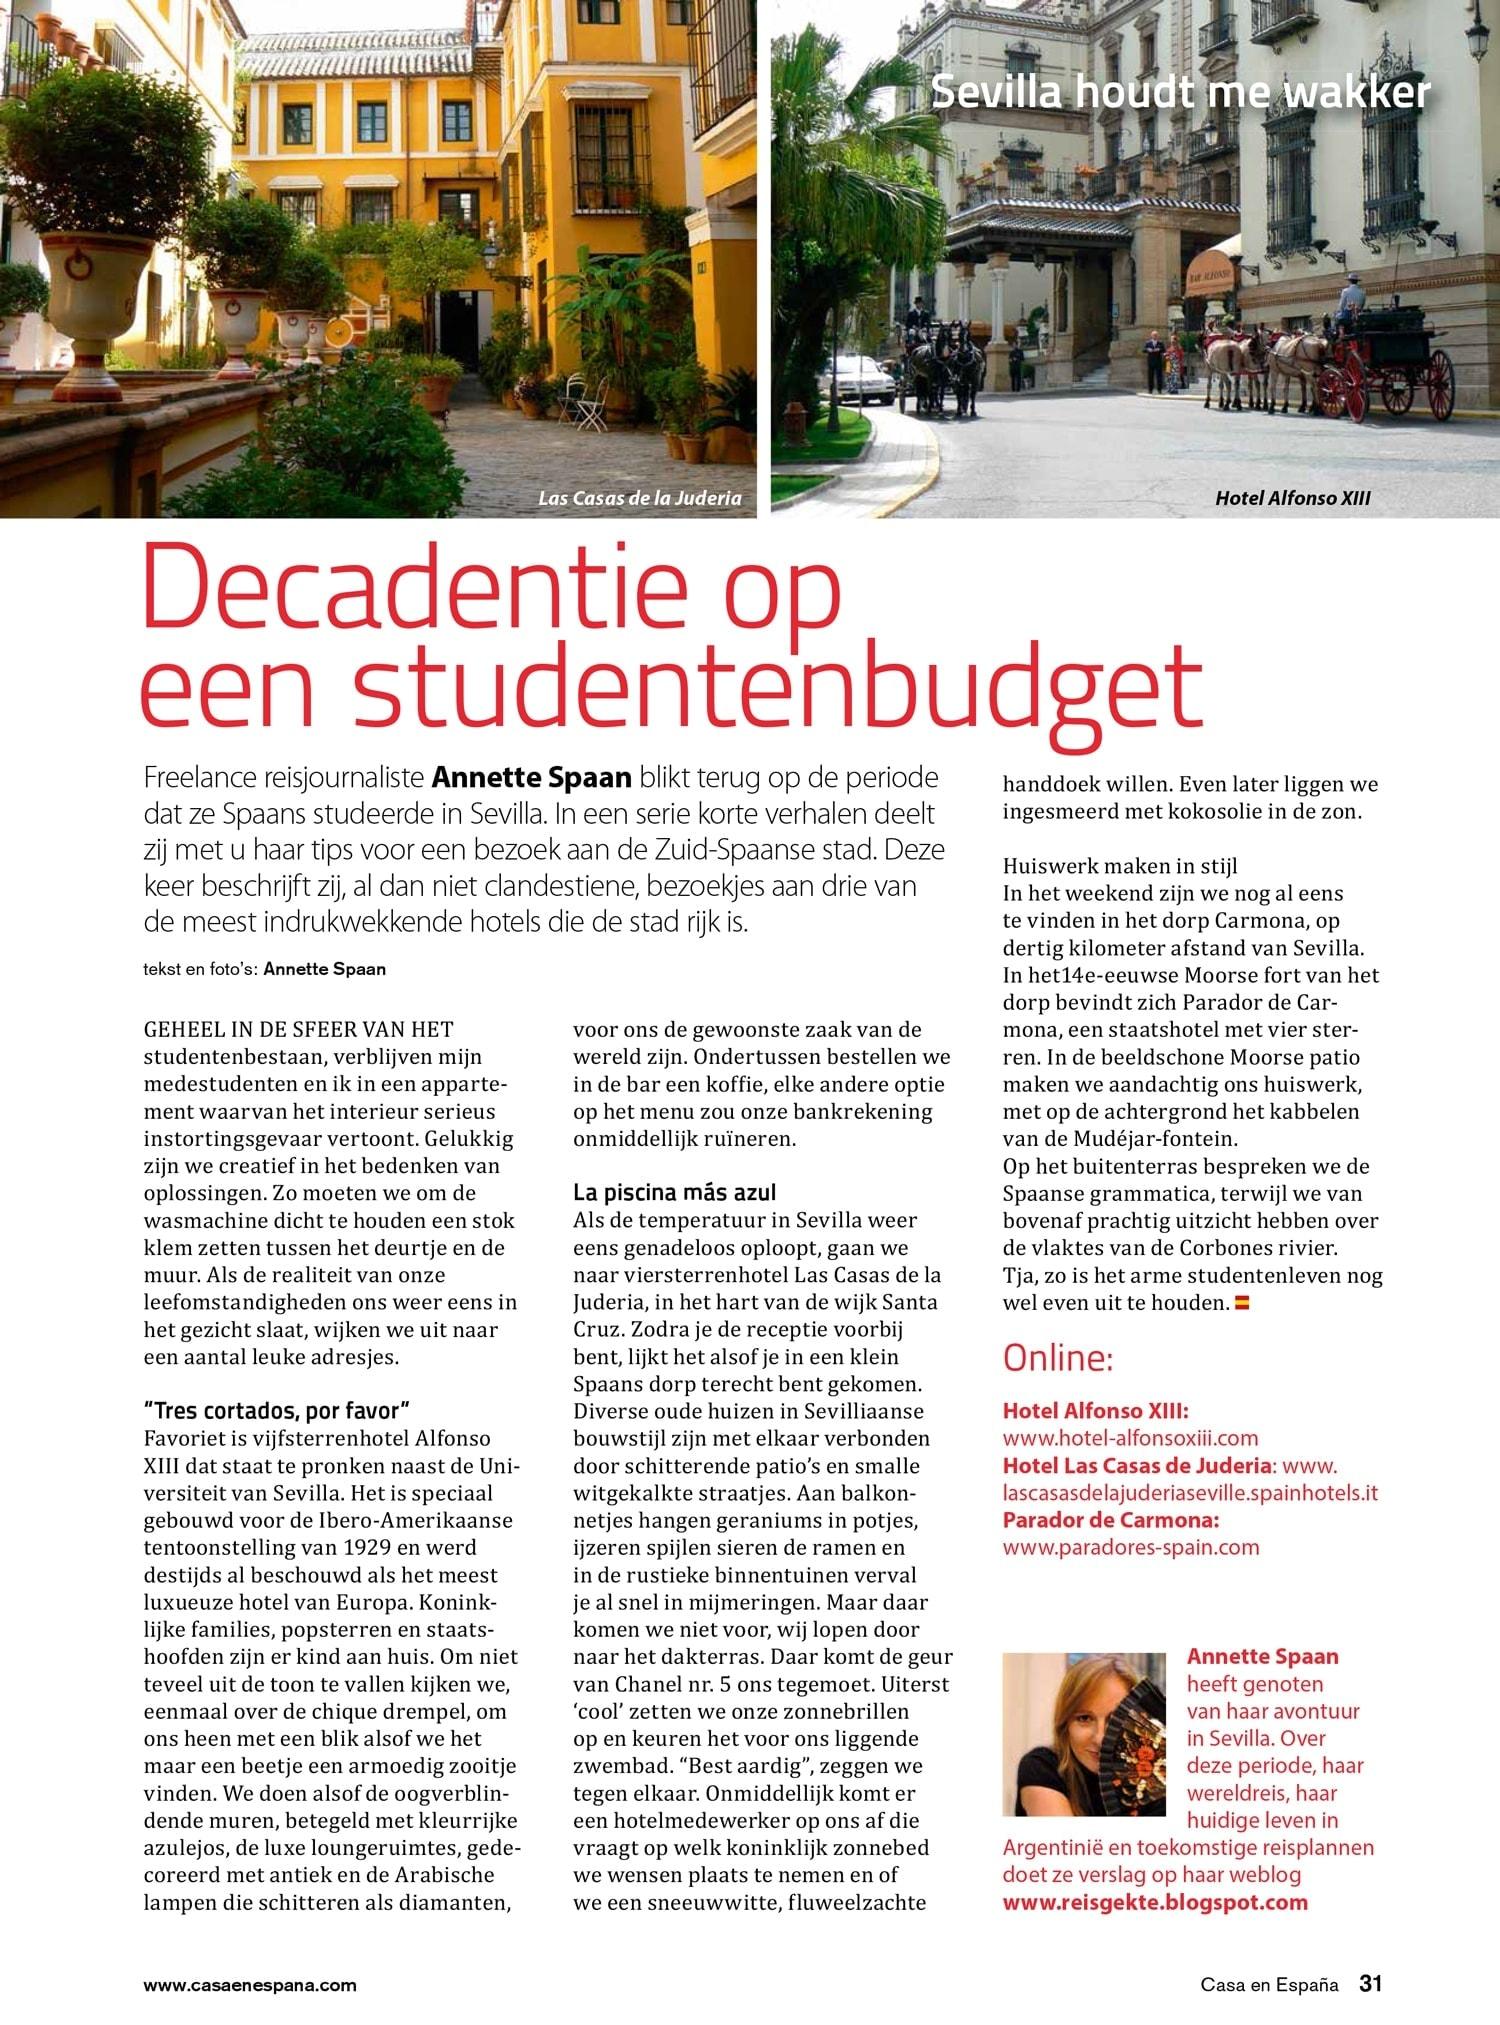 Decadentie-op-een-studentenbudget